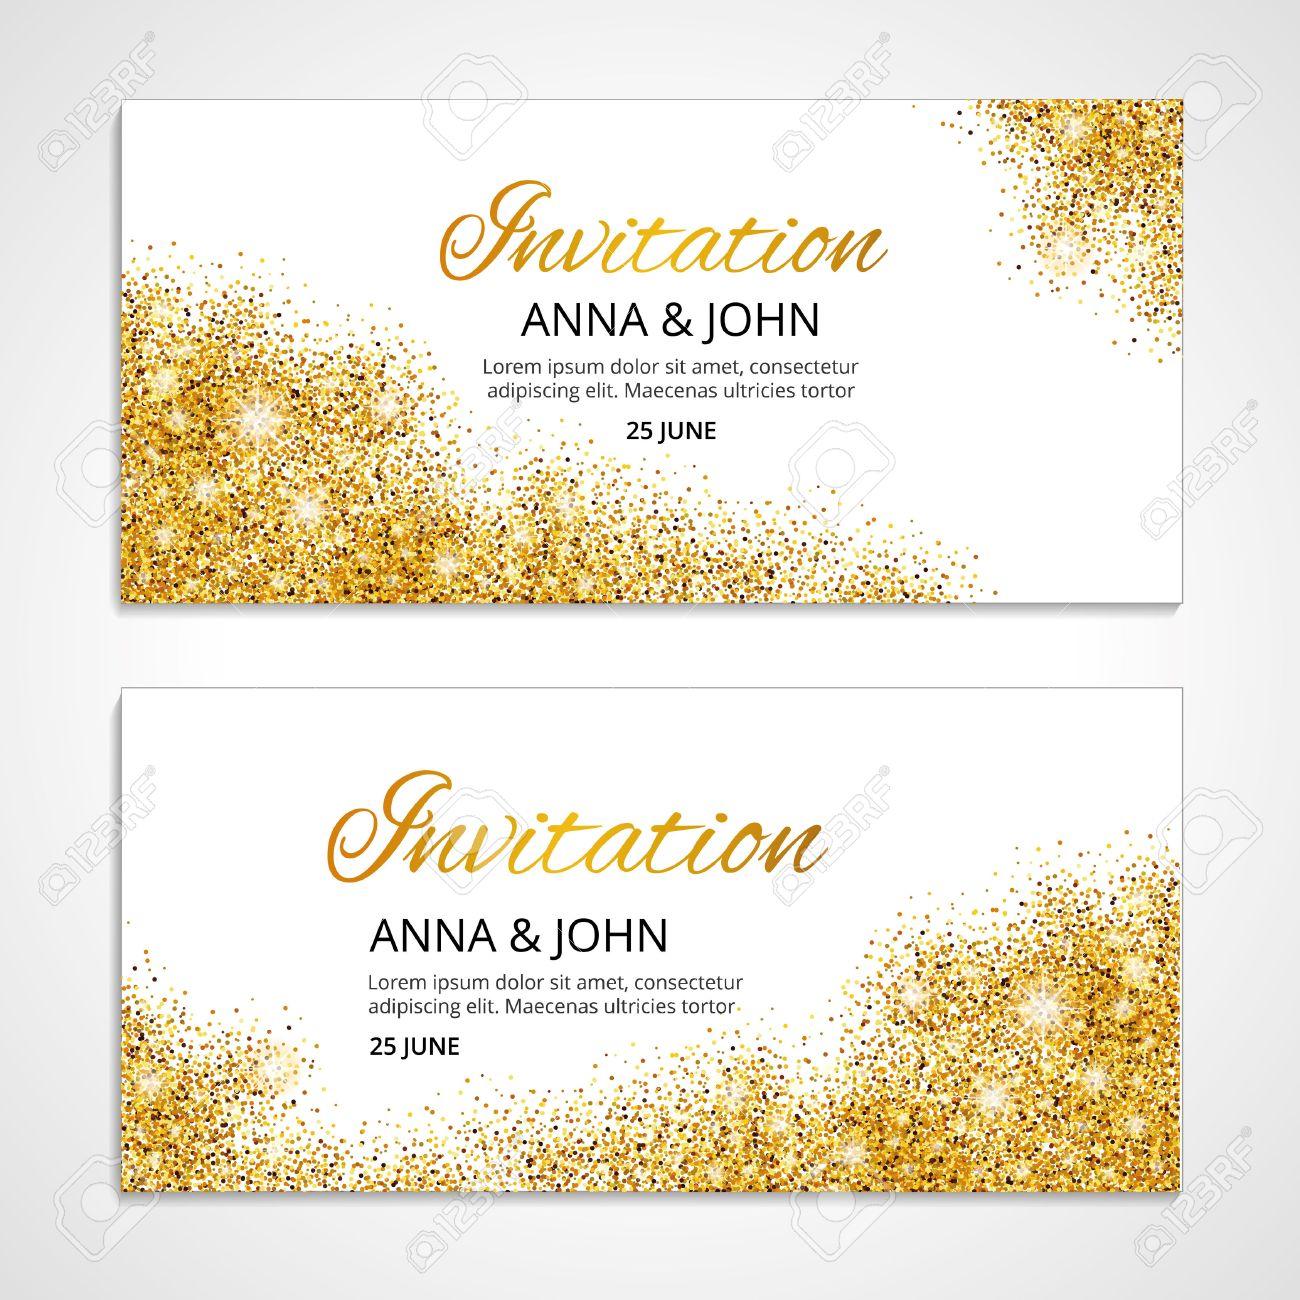 Invitación De La Boda De Oro Para La Boda Fondo Compromiso Aniversario De Matrimonio Fondo Del Oro Tarjeta De Felicitación De Oro Reserva La Luz